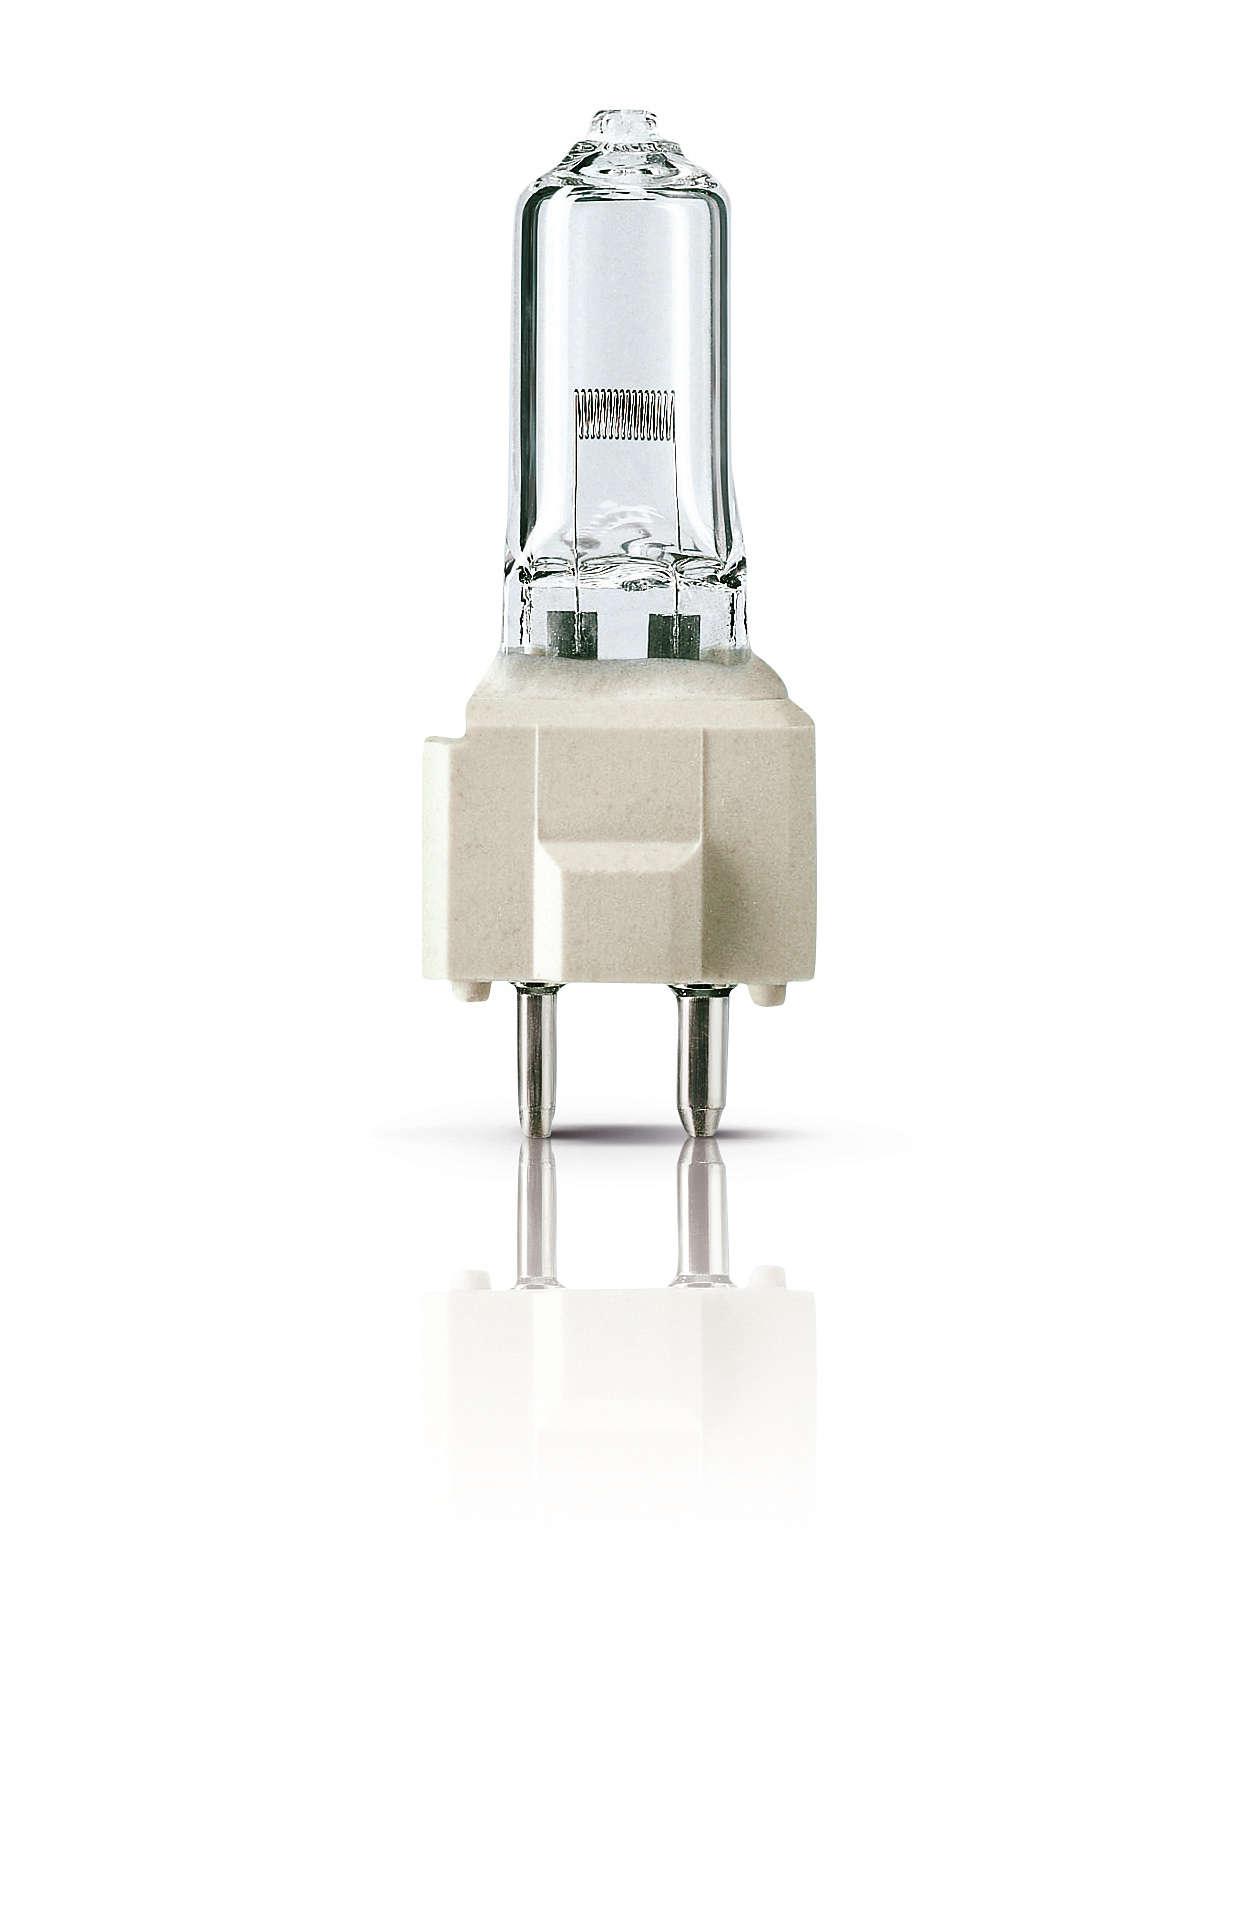 Lâmpadas não reflectoras de halogéneo – luz de alta qualidade e de fácil utilização